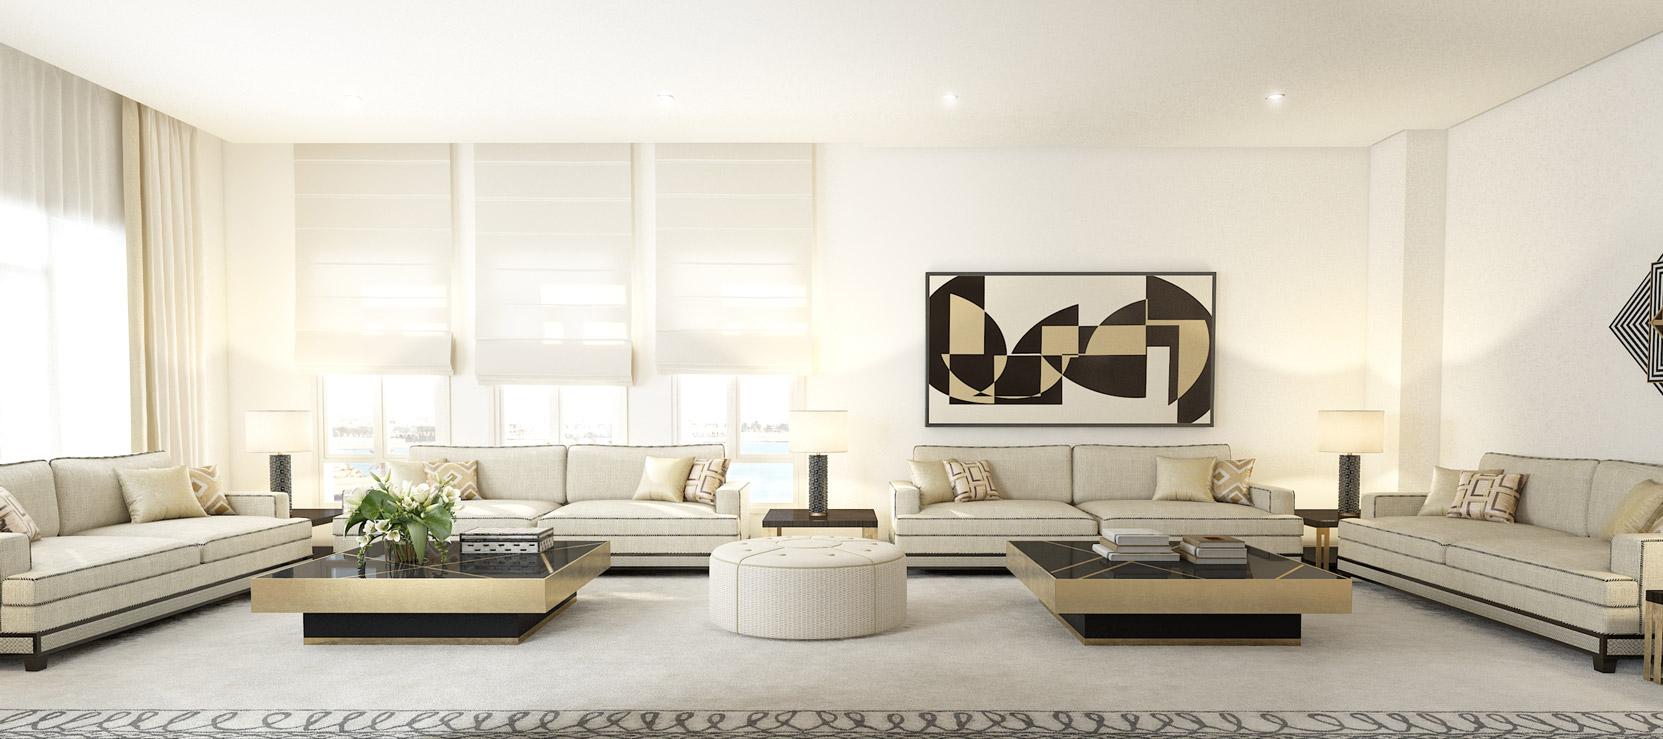 Sala con tonos cálidos y muebles finos de alta calidad